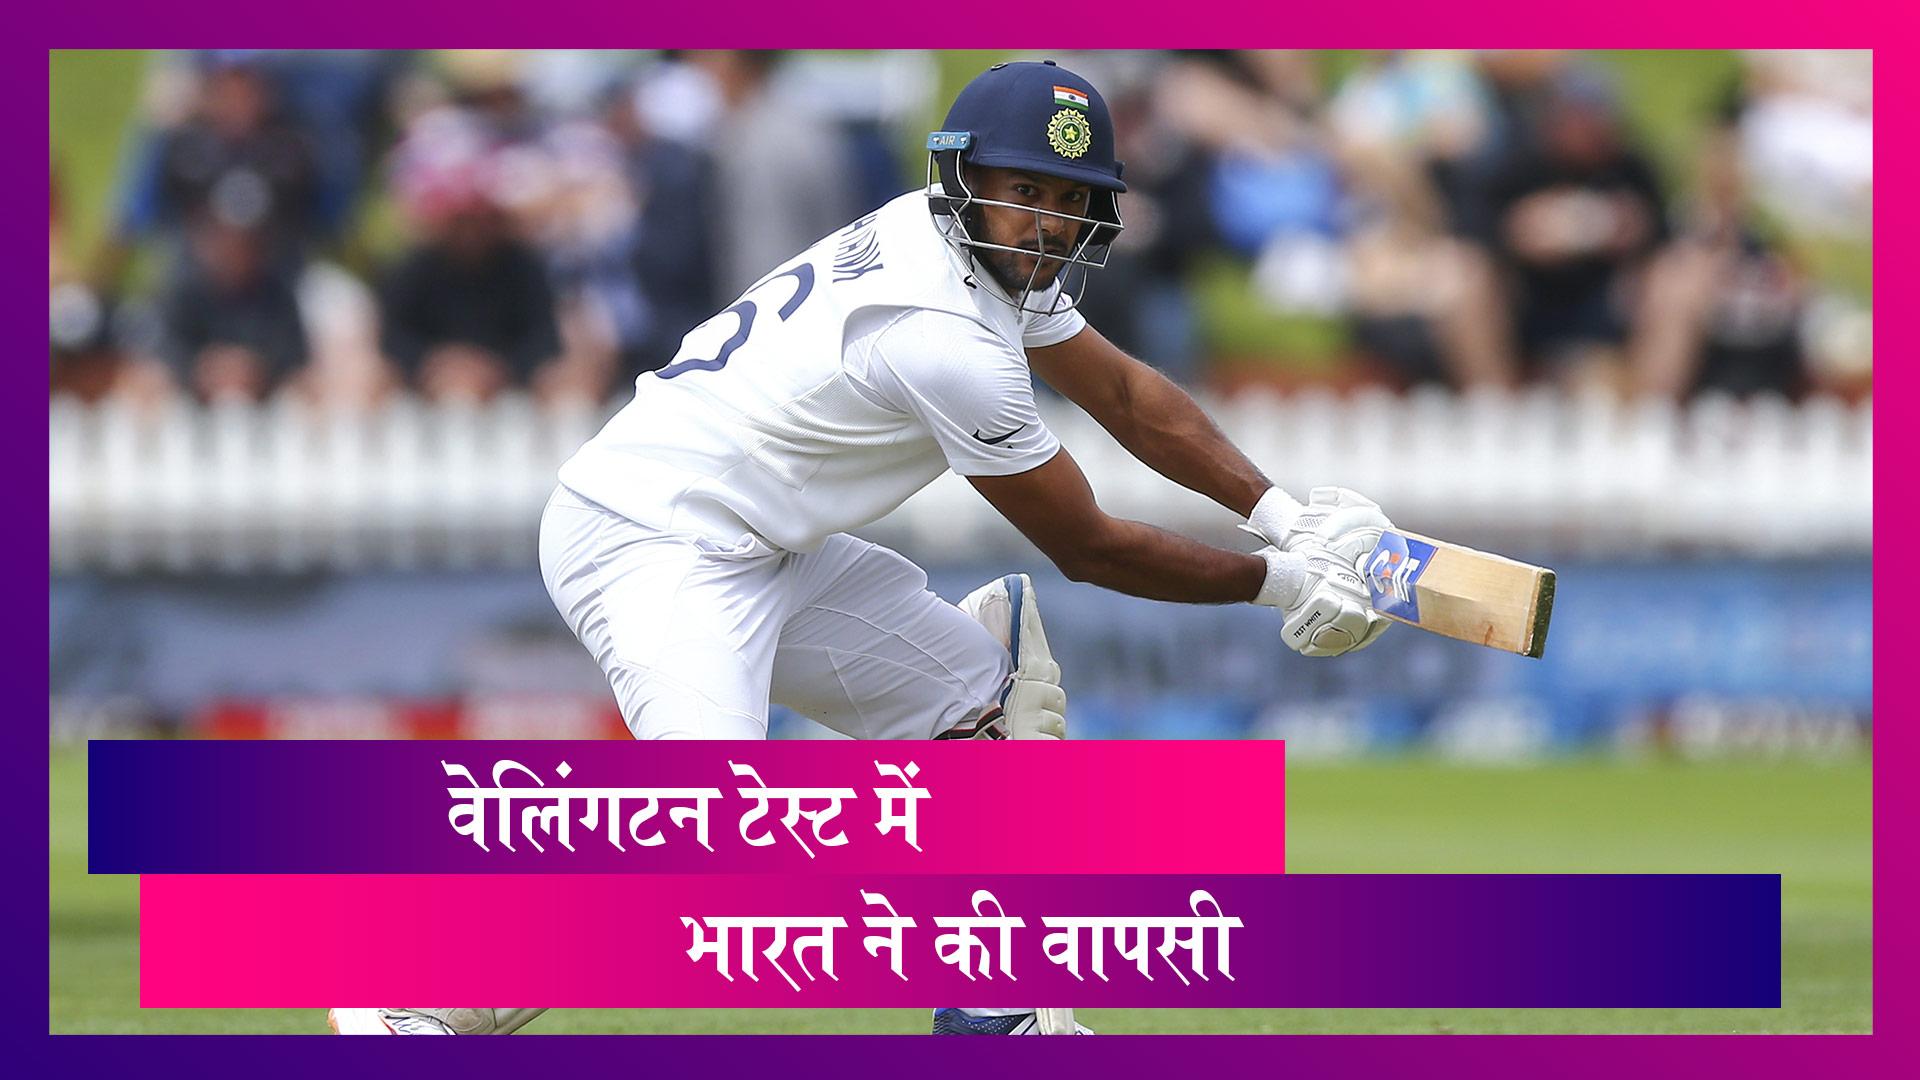 IND vs NZ 1st Test Match 2020 Day 3: तीसरे दिन का खेल हुआ समाप्त, भारत ने दूसरी पारी में बनाए 144/4